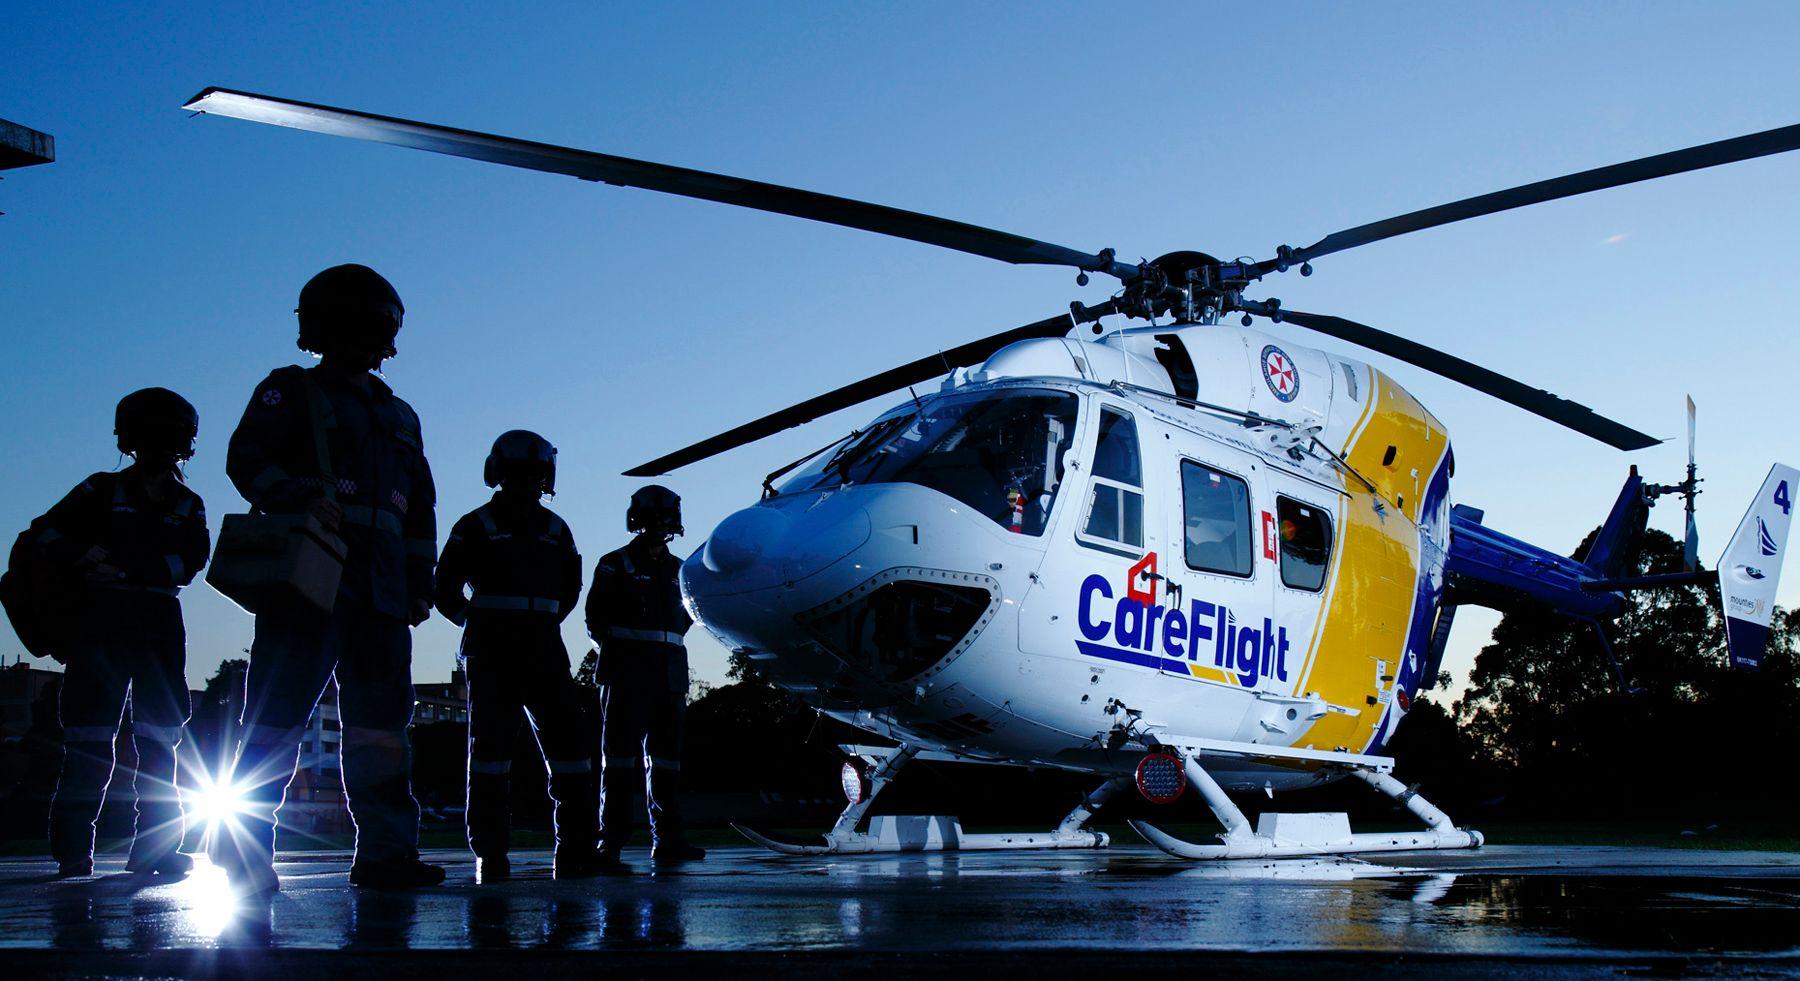 #airmedical Sydney